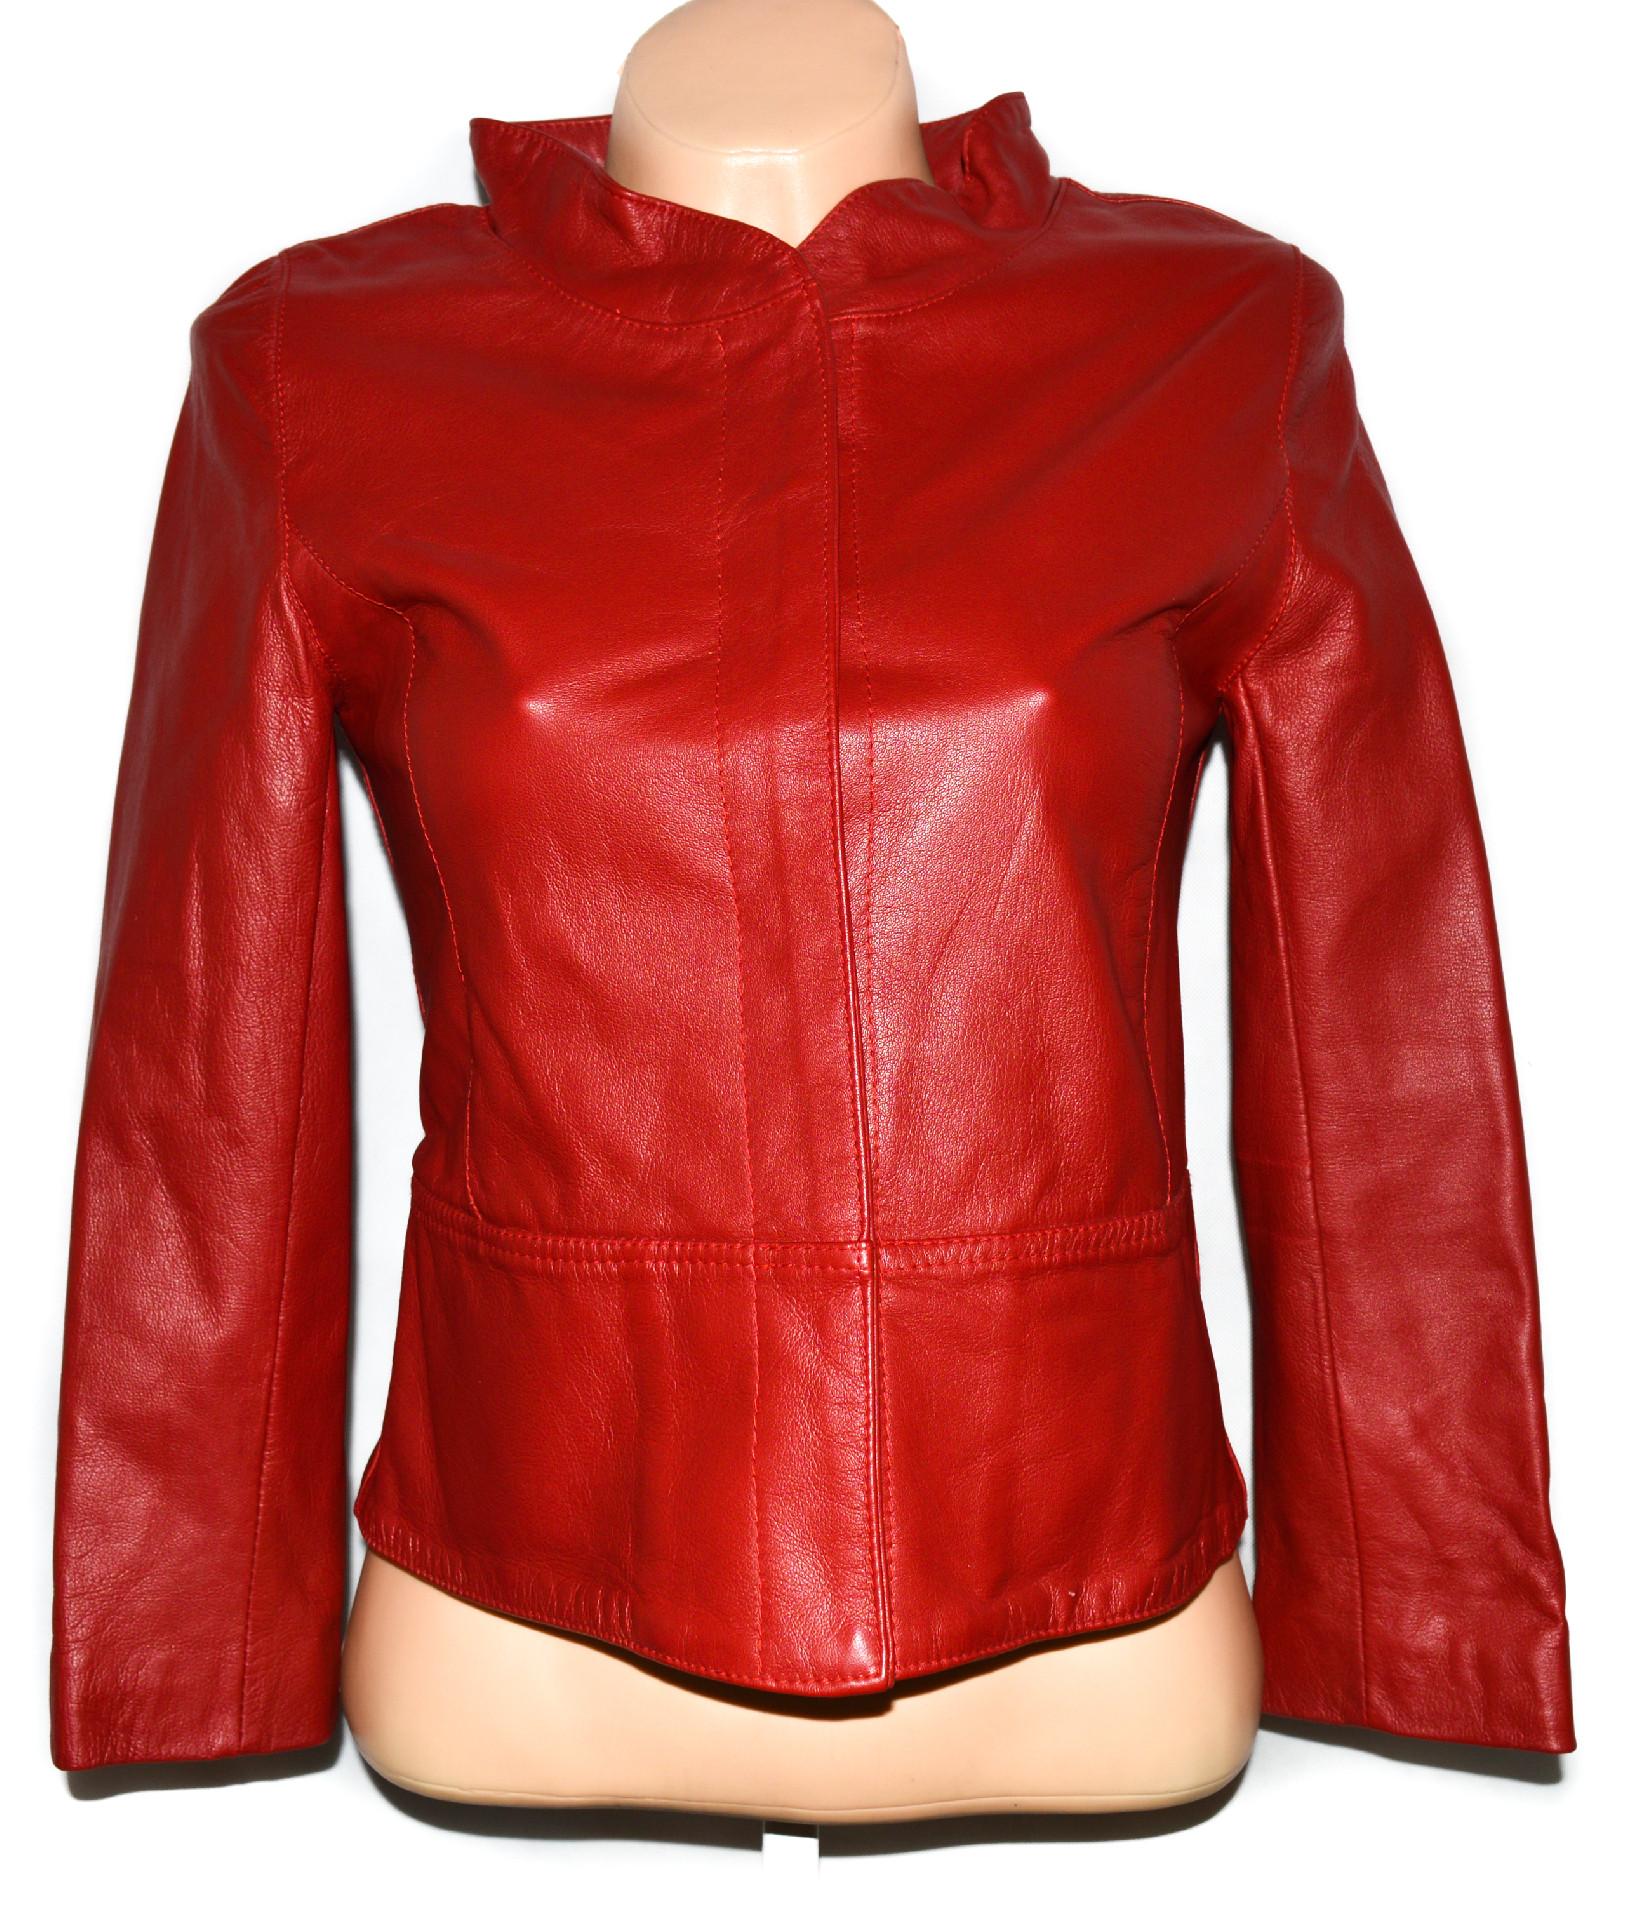 KOŽENÁ dámská červená měkká bunda XS/S